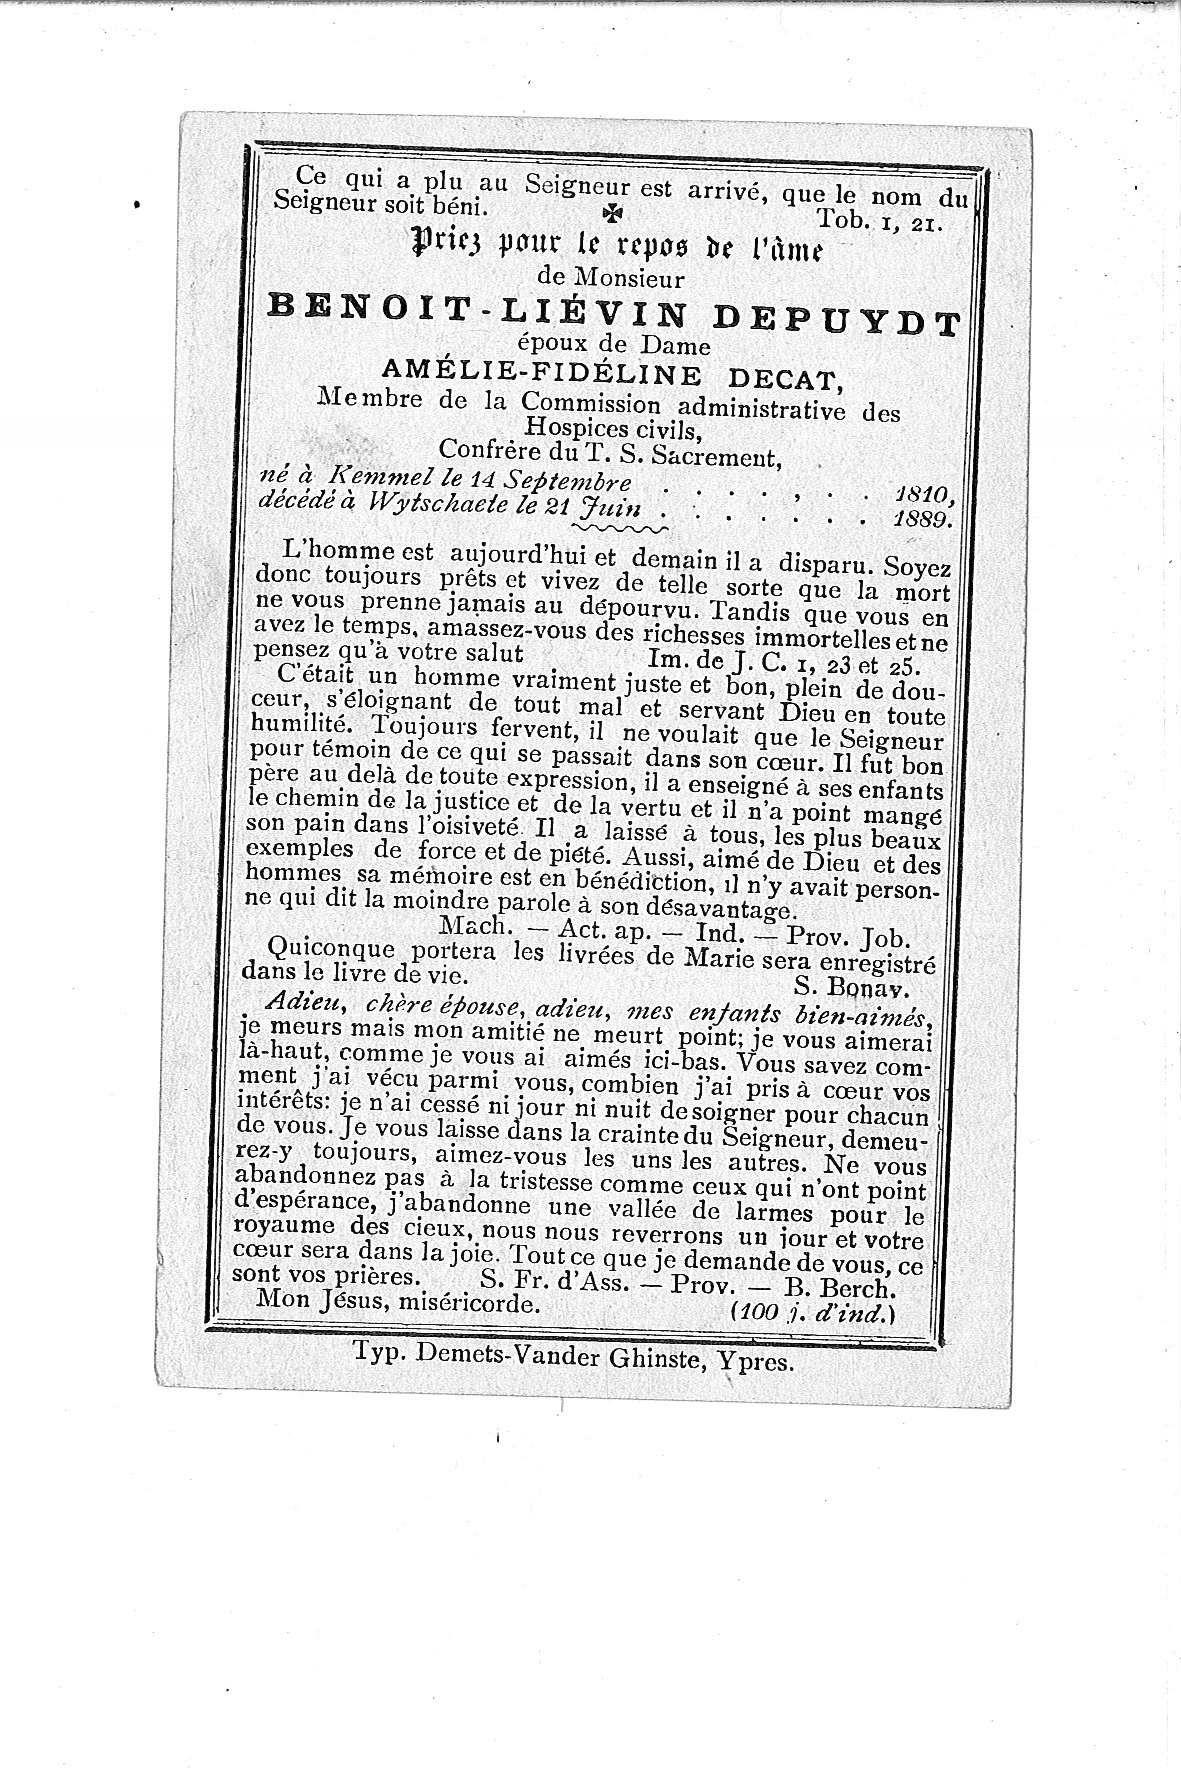 Benoit-Lievin (1889) 20120326131144_00021.jpg